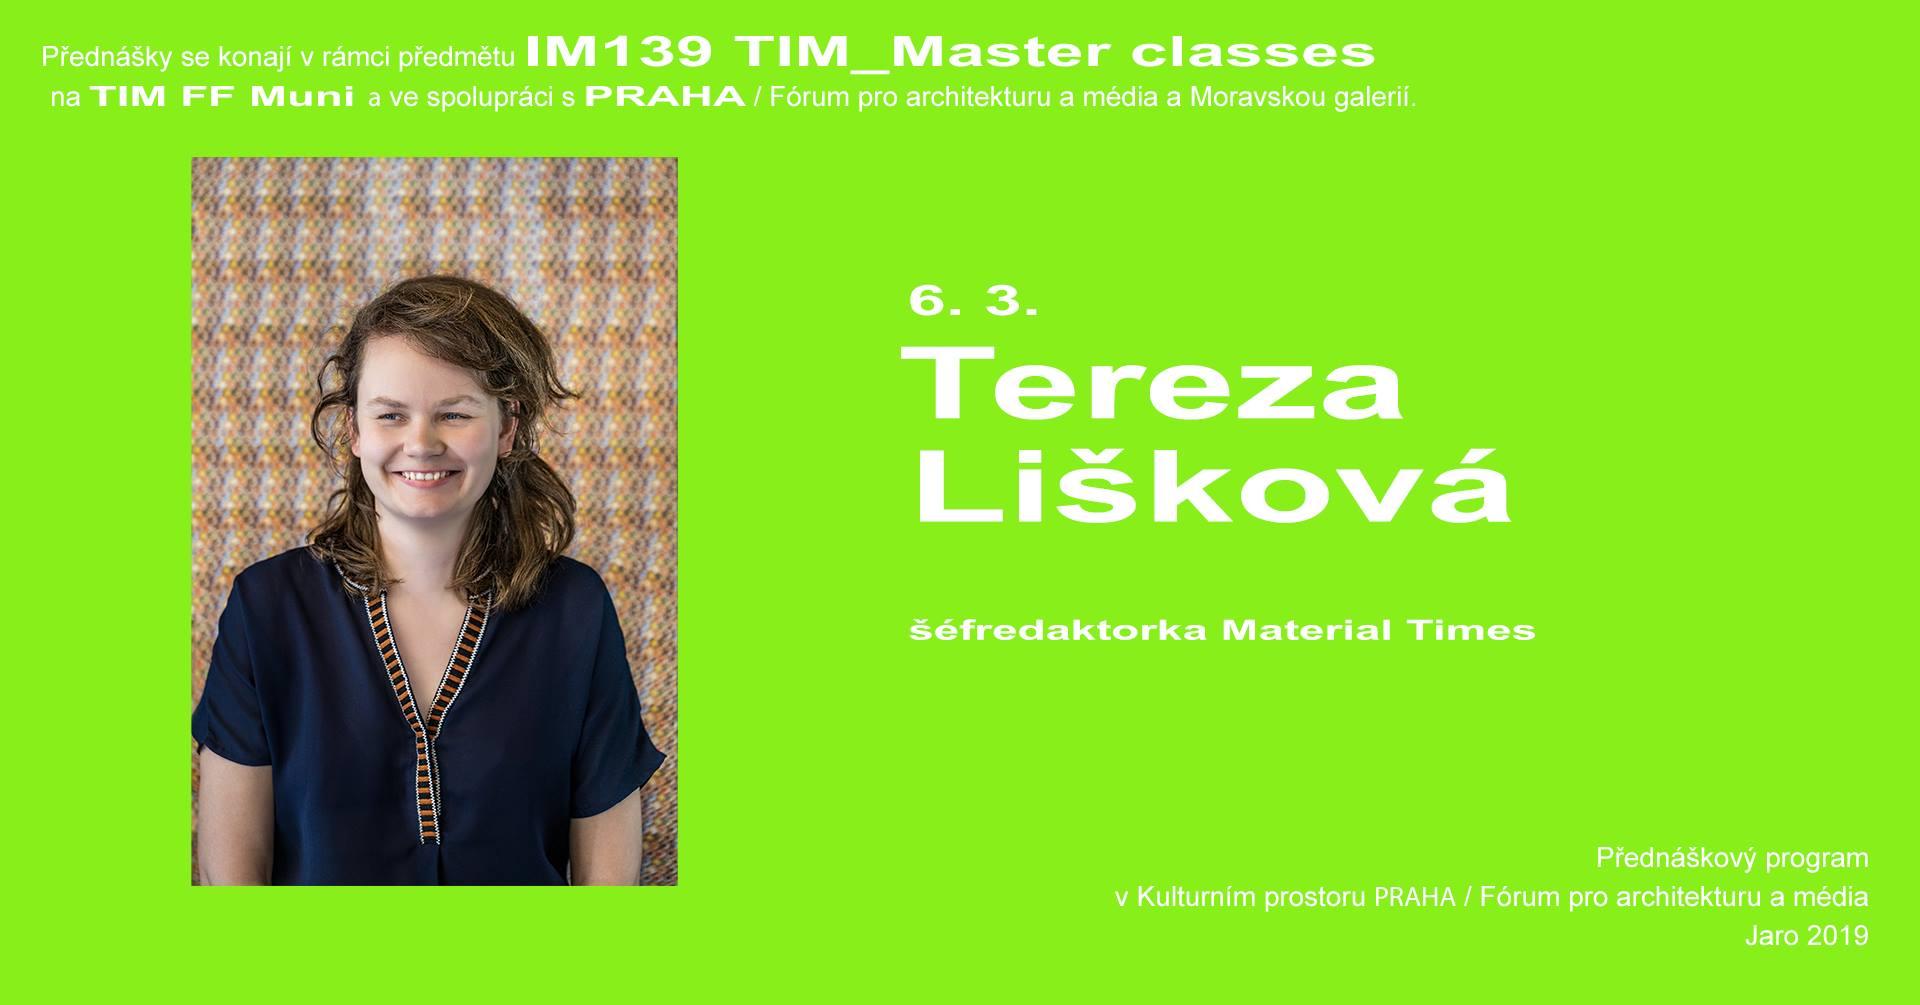 ST / 6.3. / 19.00 / TIM Master class: Tereza Lišková – Material Times / přednáška, diskuse